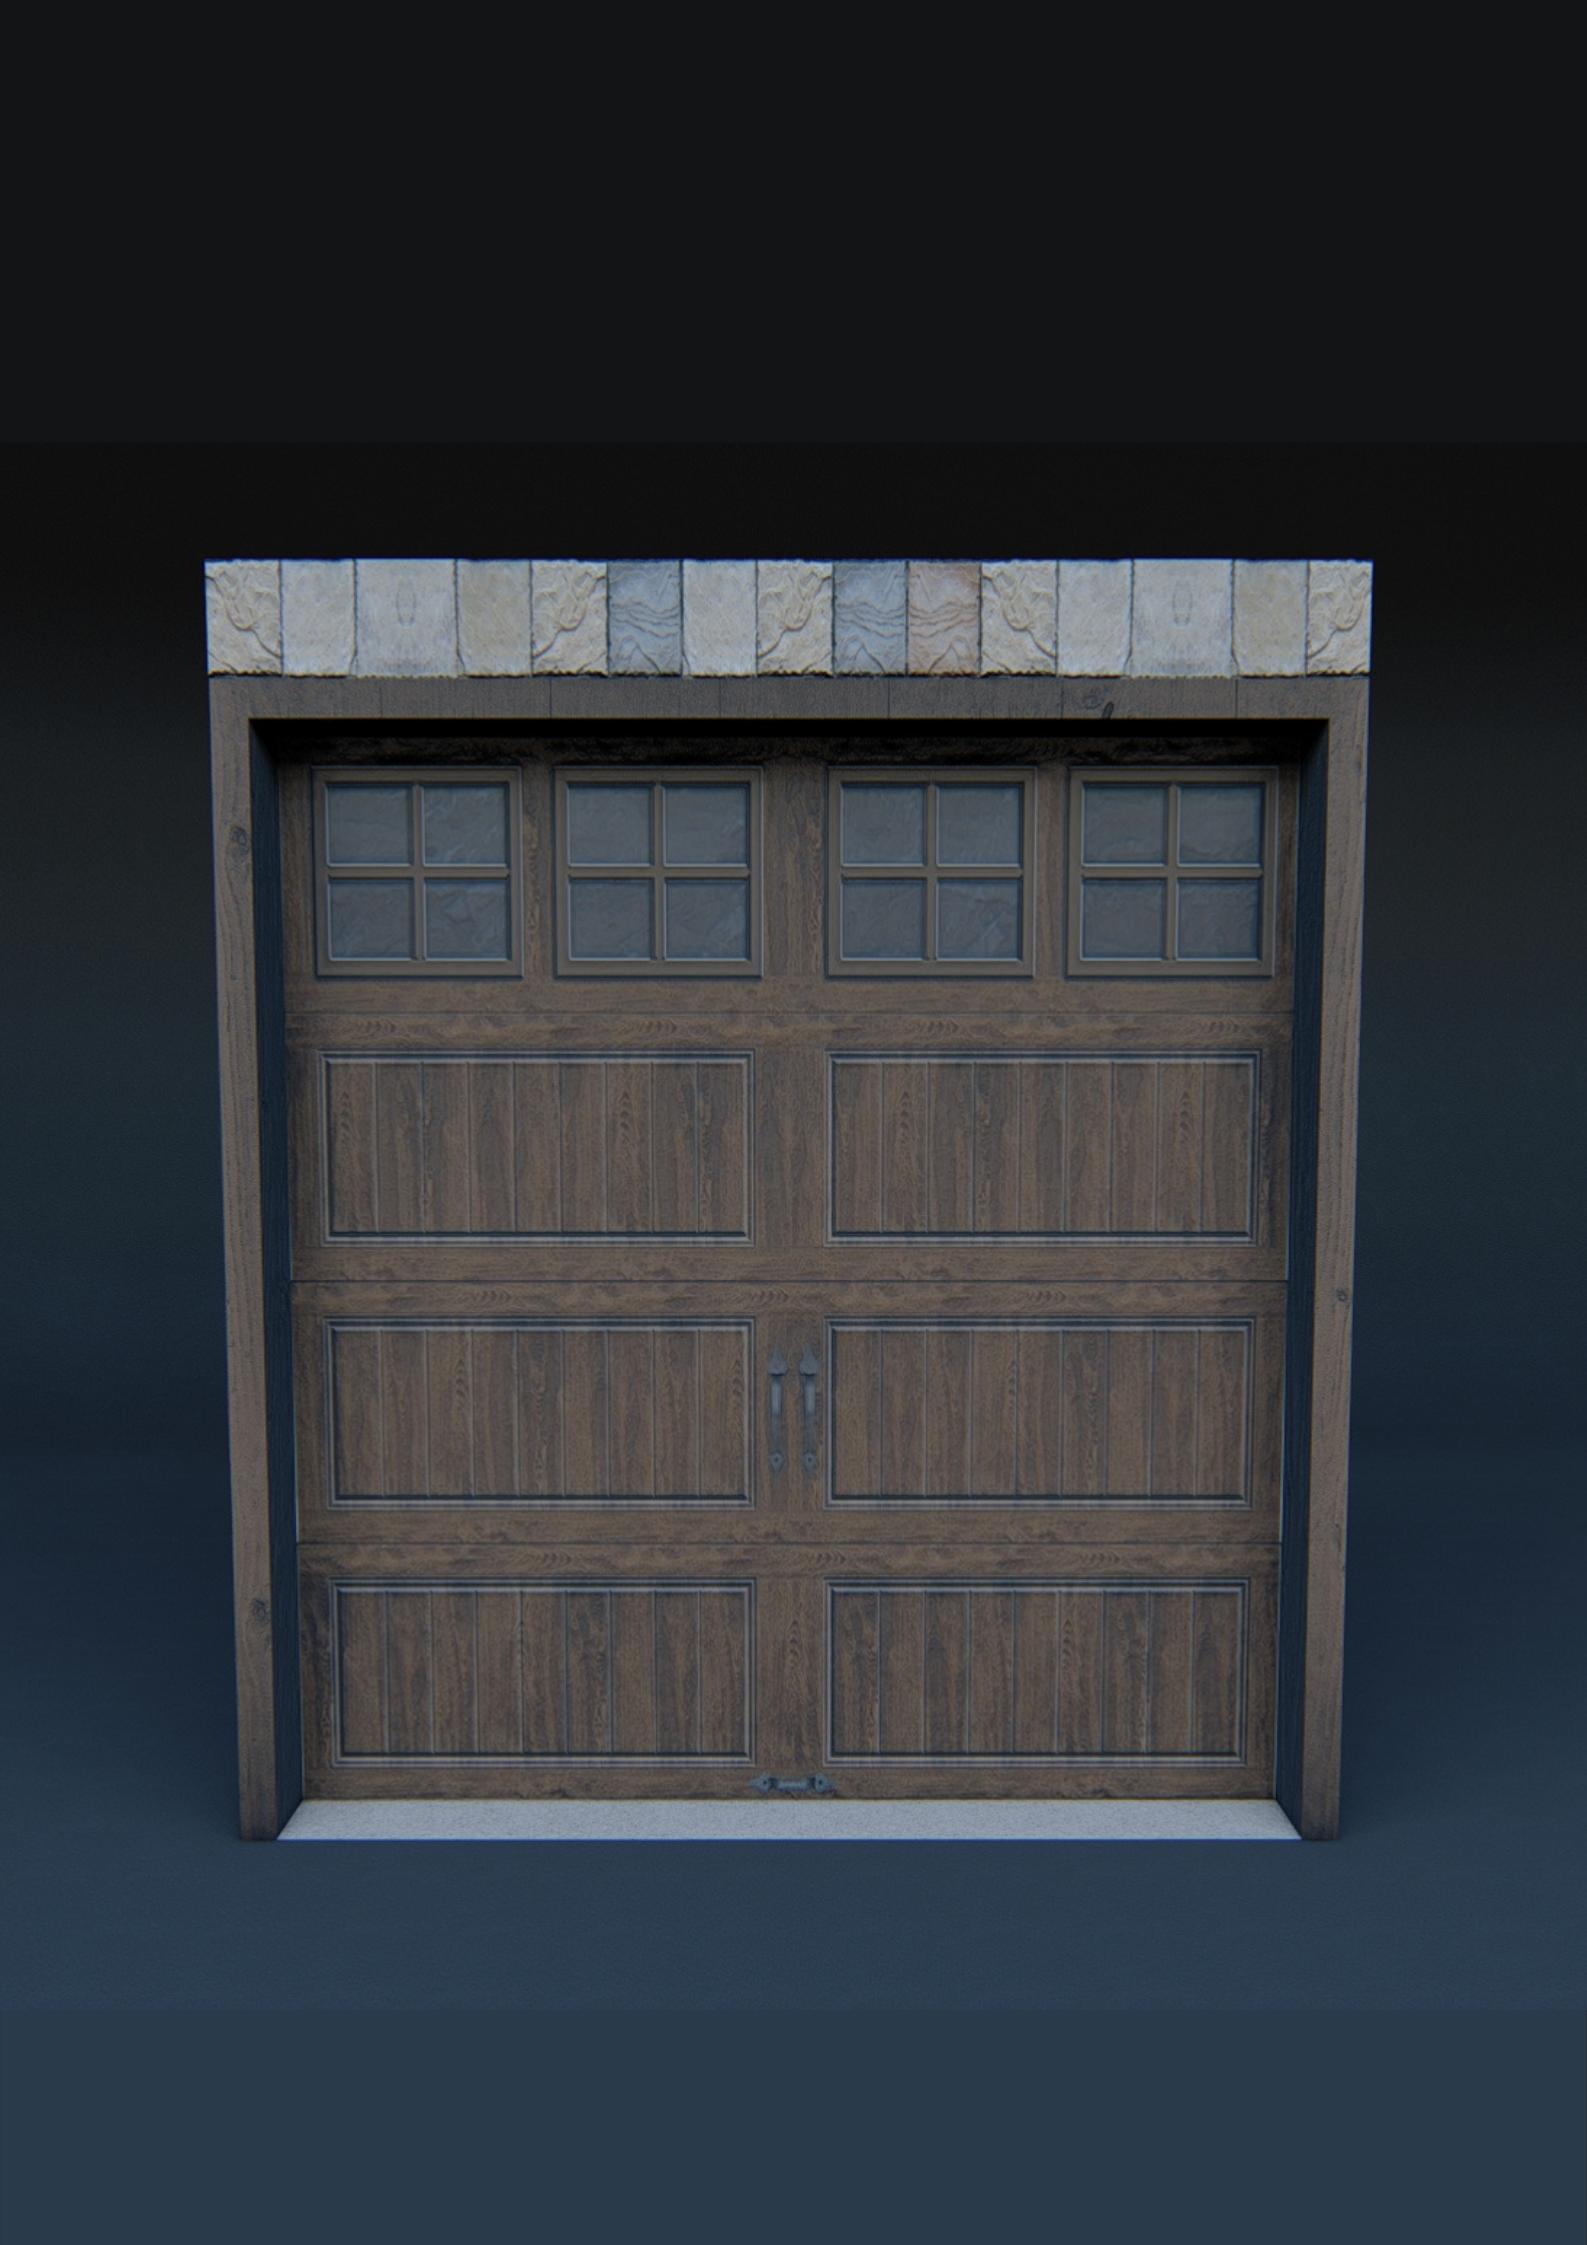 Single Garage Door 3d Model In 2020 Single Garage Door Garage Doors 3d Model